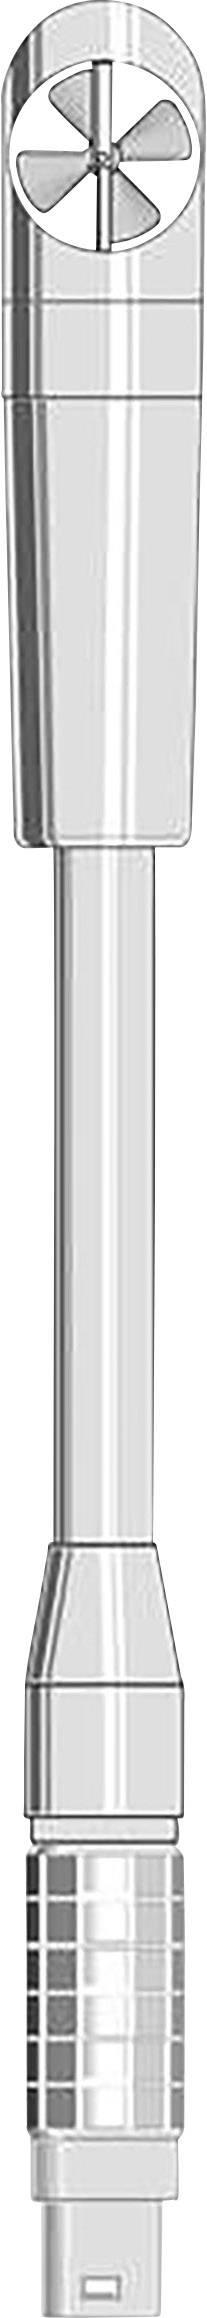 Snímač vzduchového proudění (vrtulka) s měřením v °C testo 0635 9540